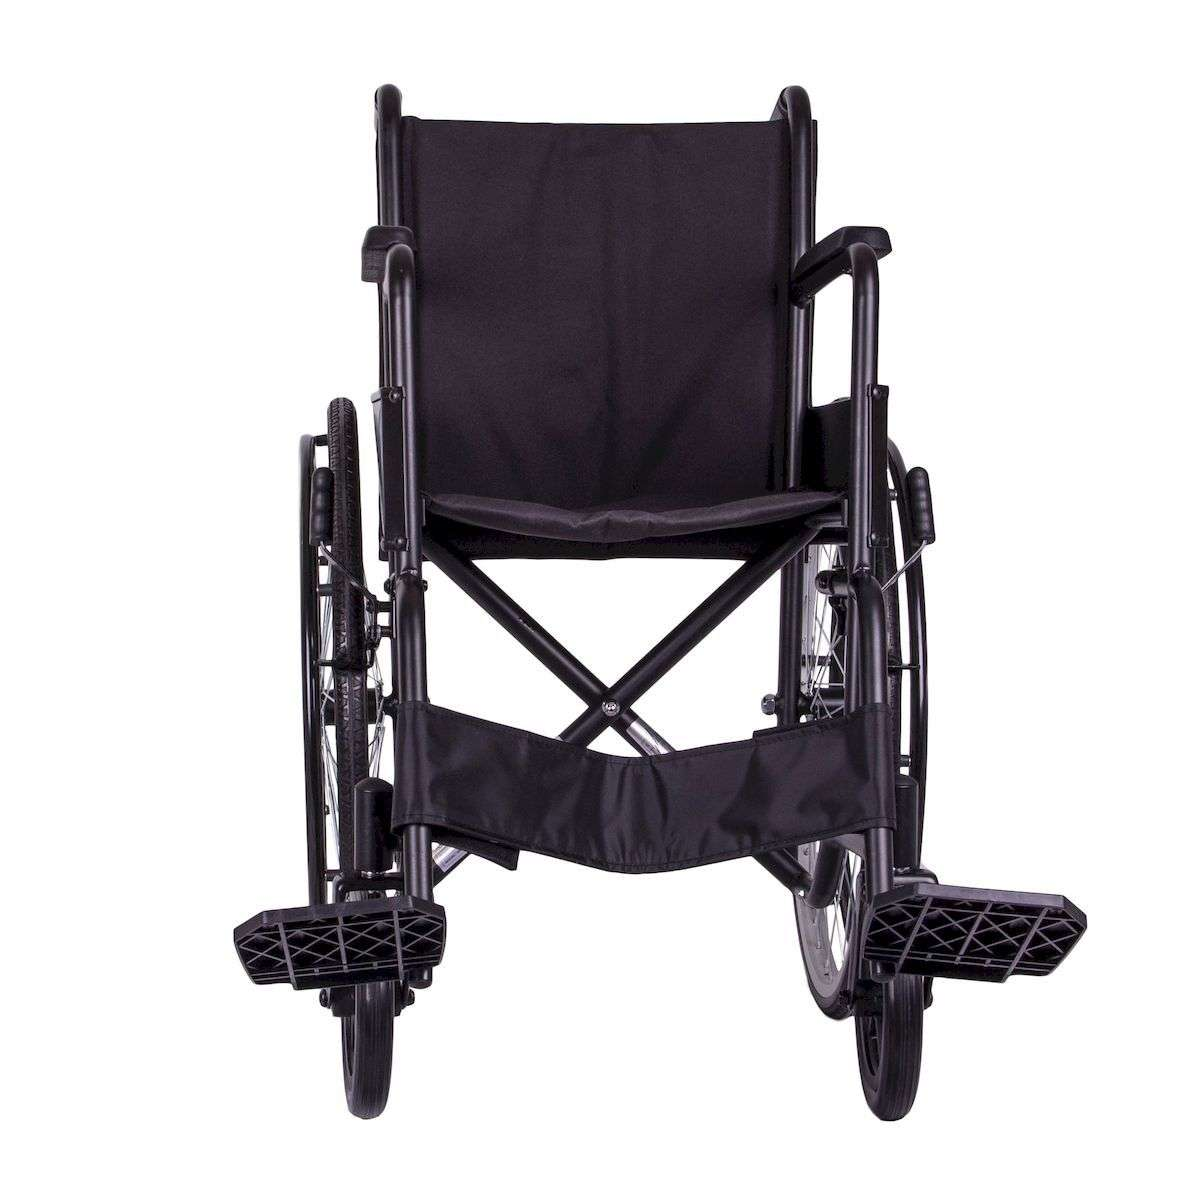 Стандартная инвалидная коляска OSD Economy1 на литых колесах с санитарным оснащением